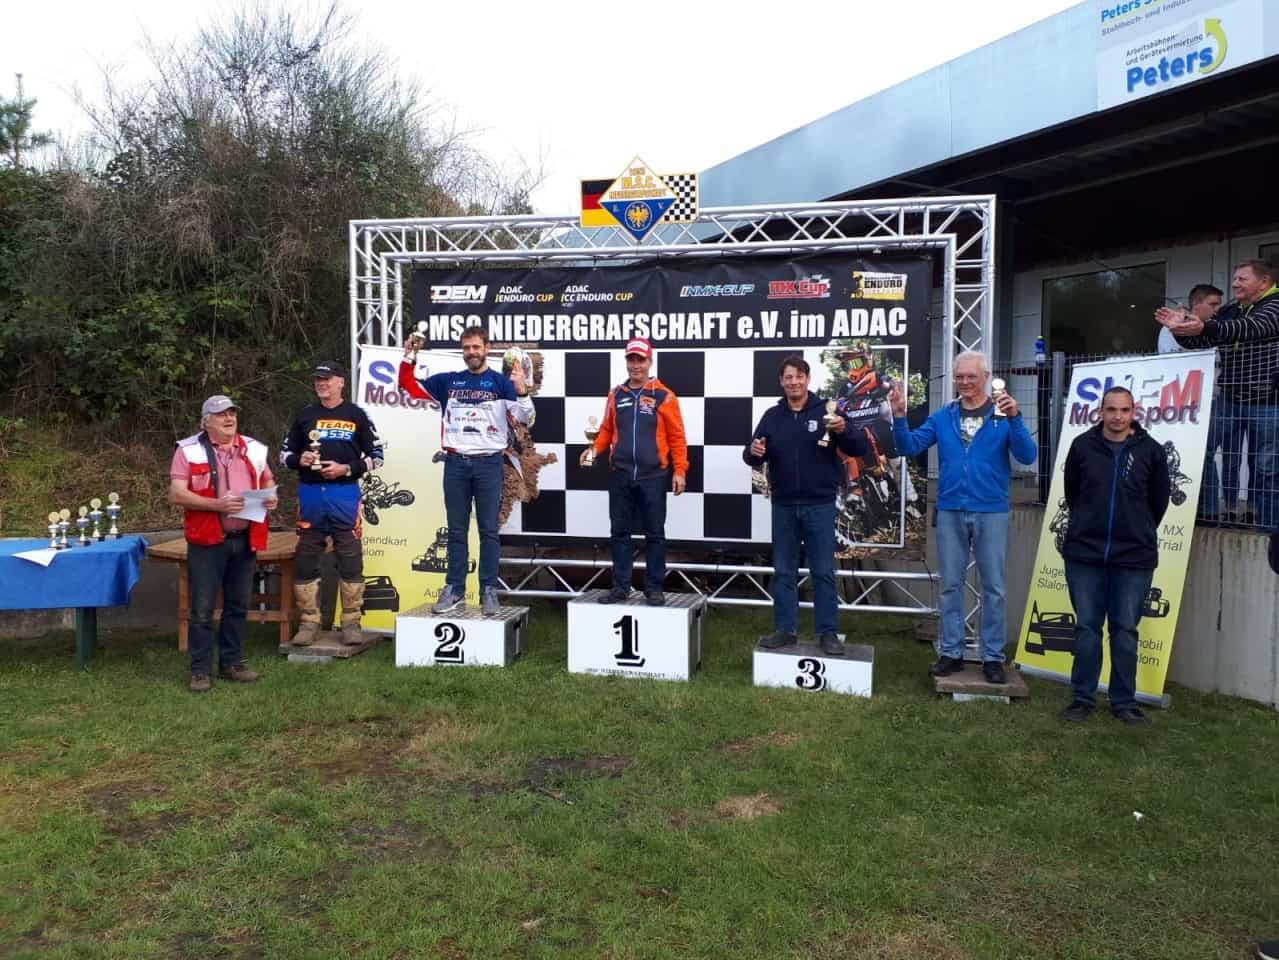 ADAC NMX-Cup 2021 in Itterbeck - Rennbericht 8